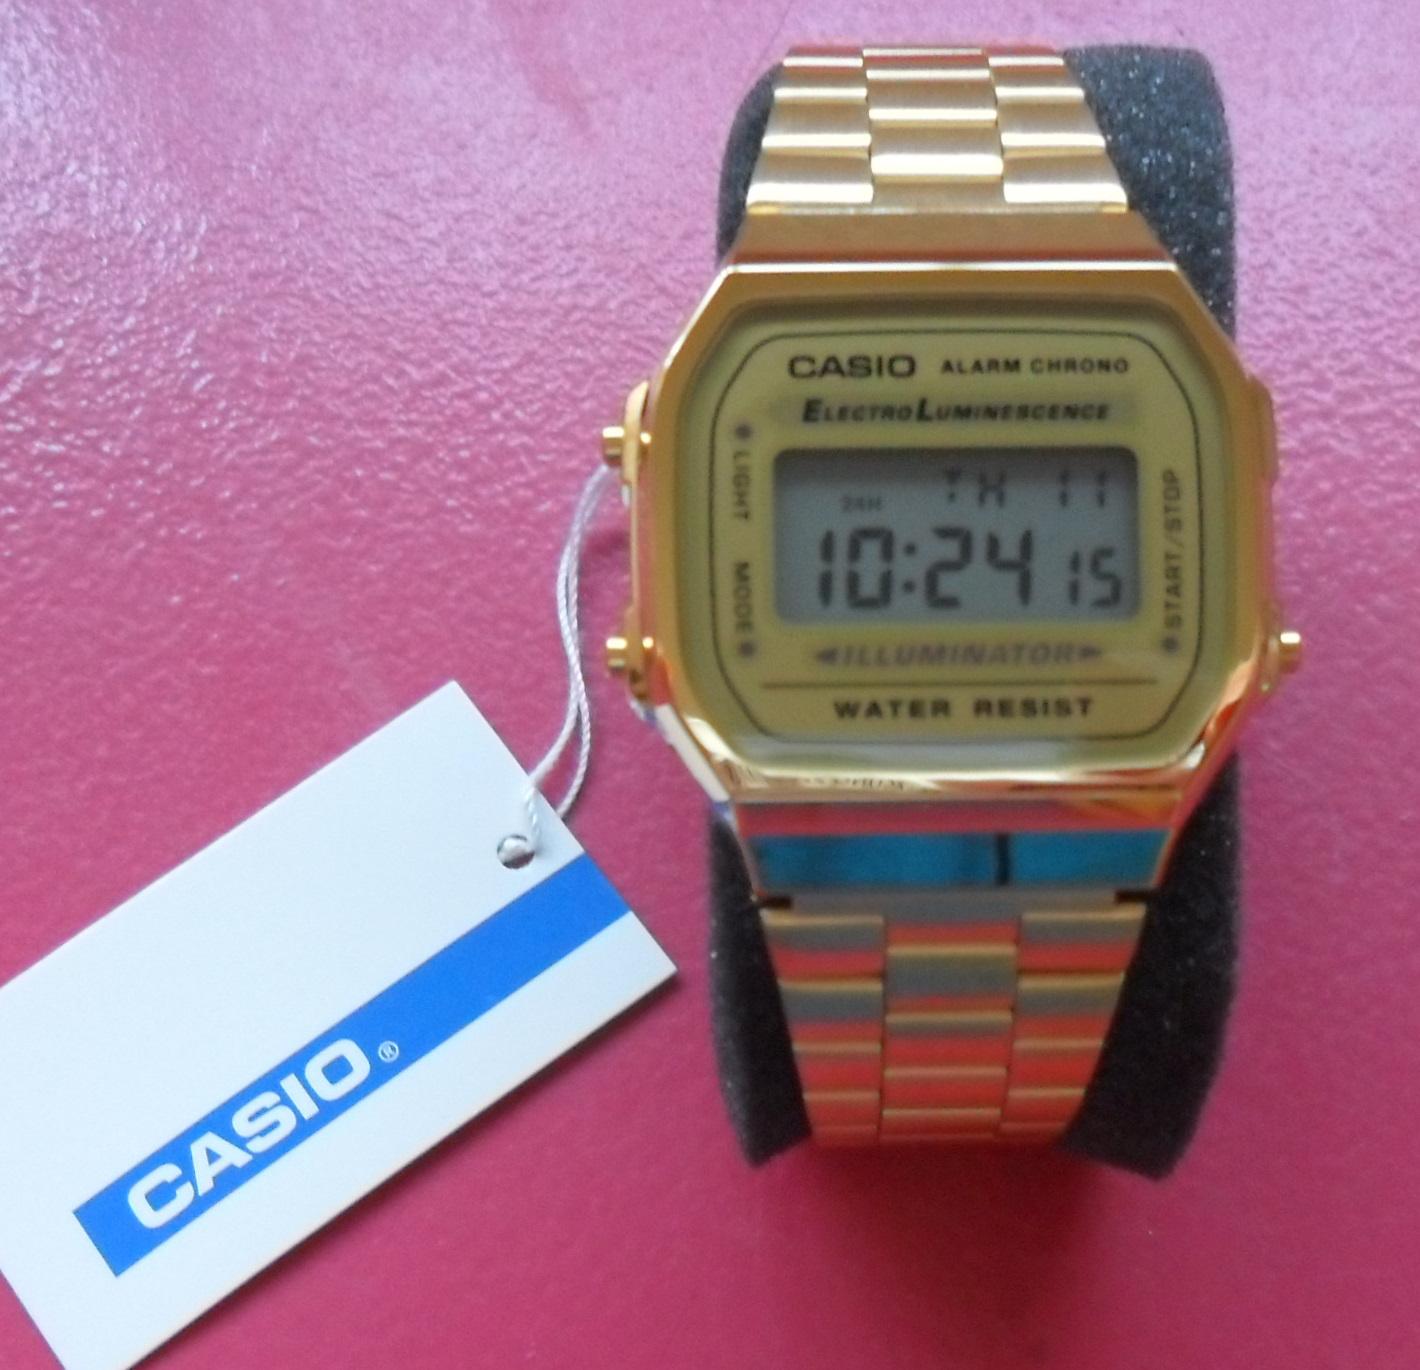 b52298b3d522 Los otros dos relojes que me compre son de una pequeña tienda de  complementos de mi ciudad